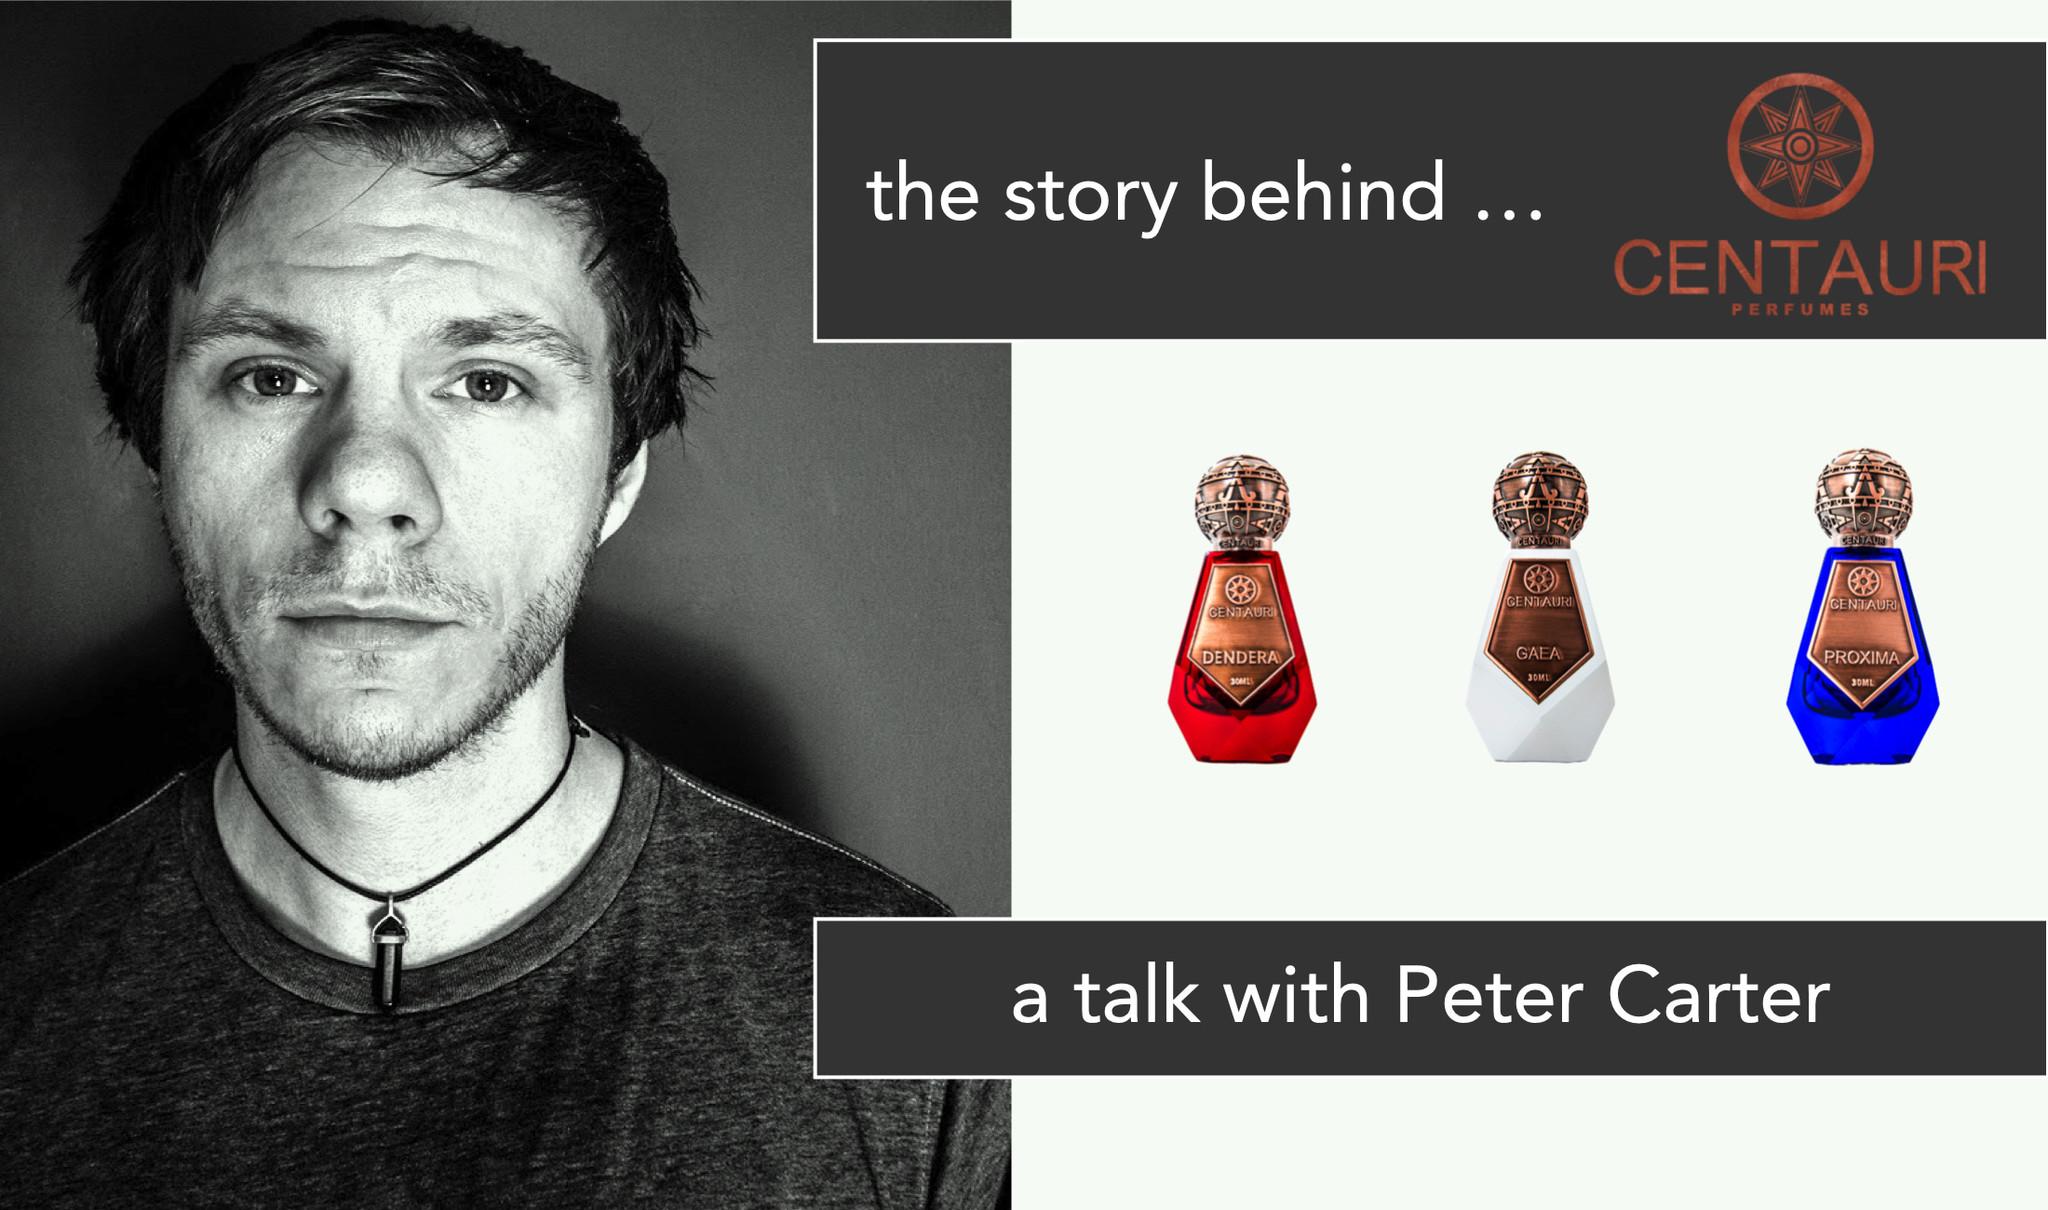 het verhaal achter ... Centauri